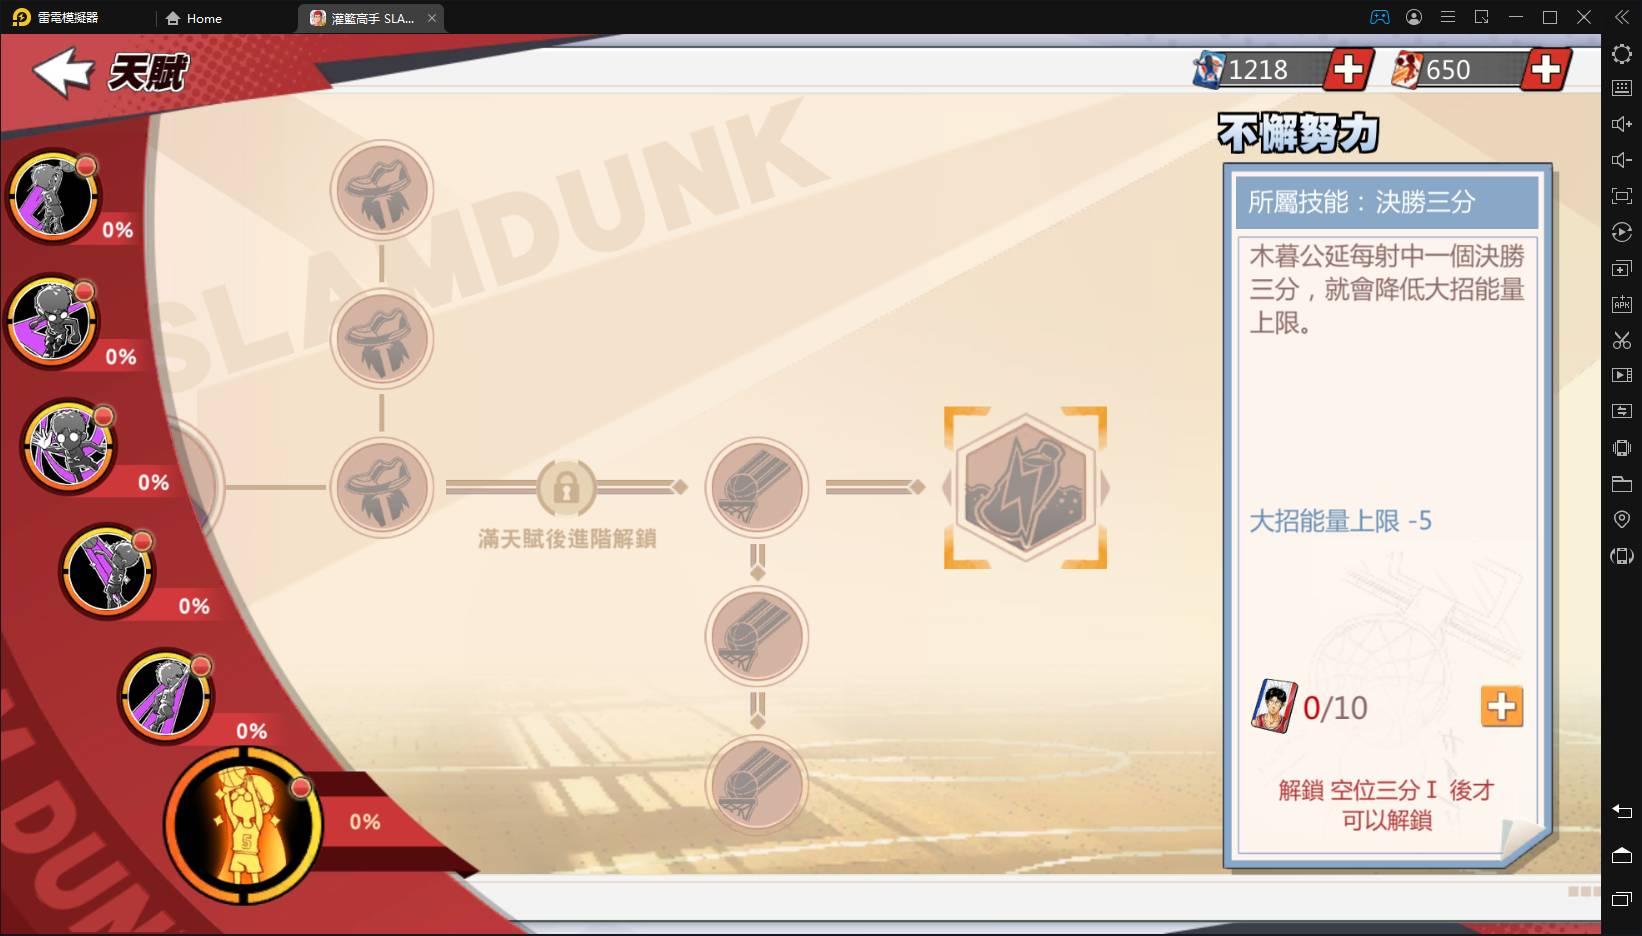 【評測】《灌籃高手SLAM DUNK》首位替補球員進階「木暮公延」|球員詳解